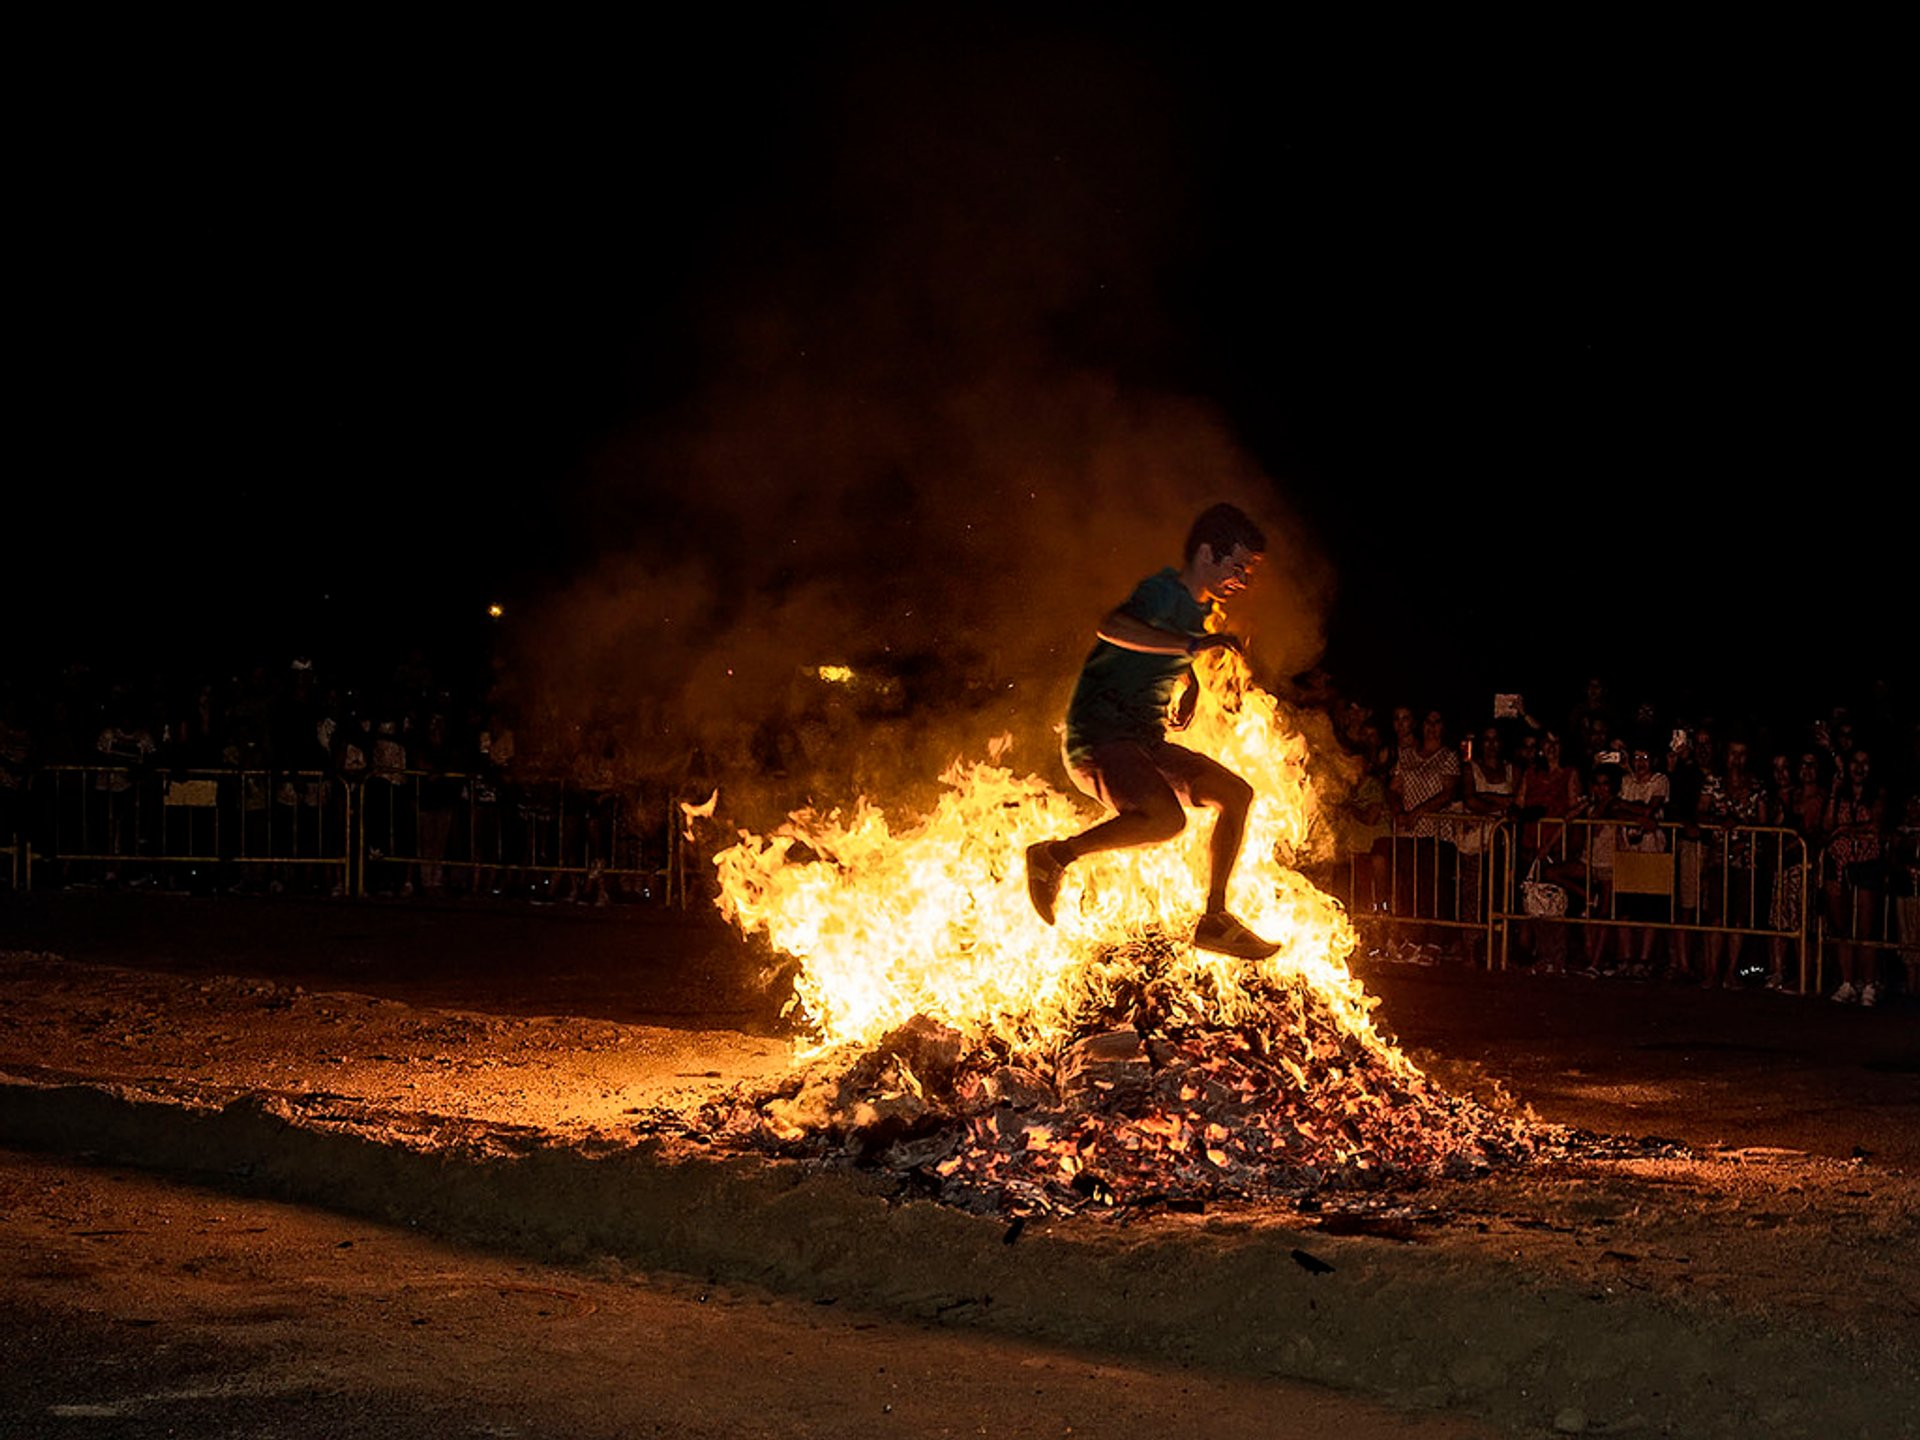 Best time to see San Juan Bonfire Festival (Noche de San Juan) in Spain 2020